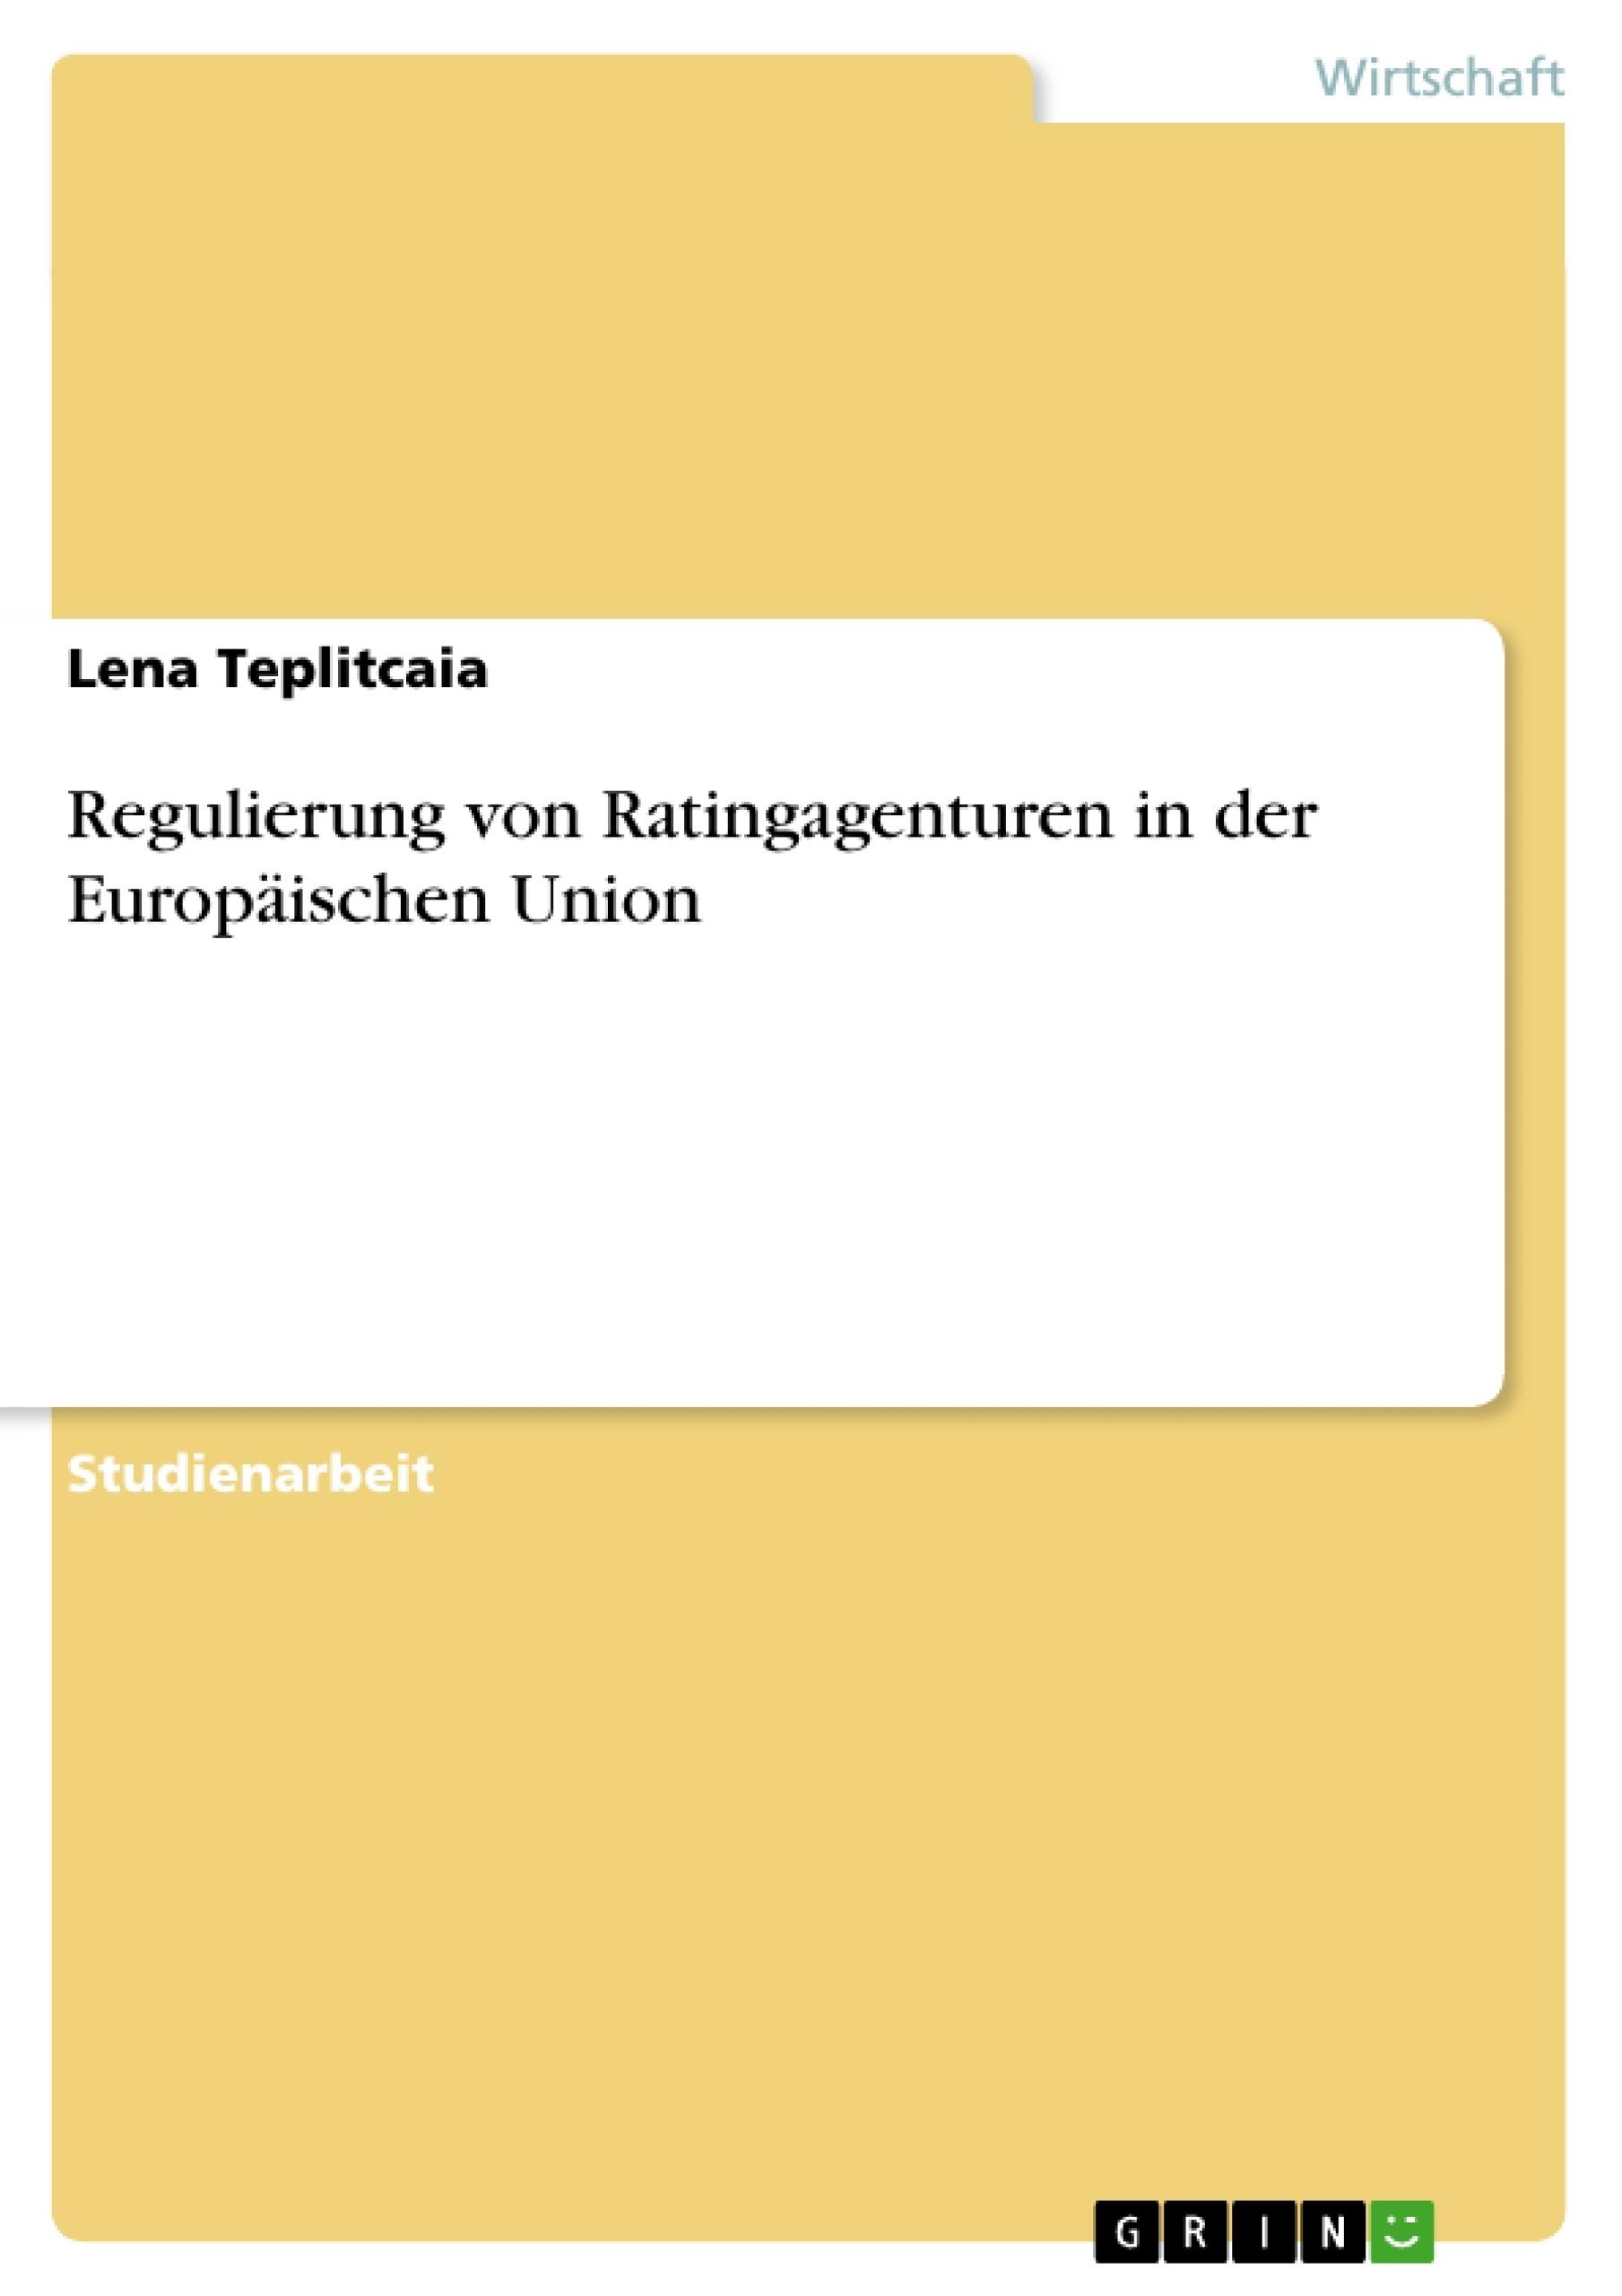 Titel: Regulierung von Ratingagenturen in der Europäischen Union